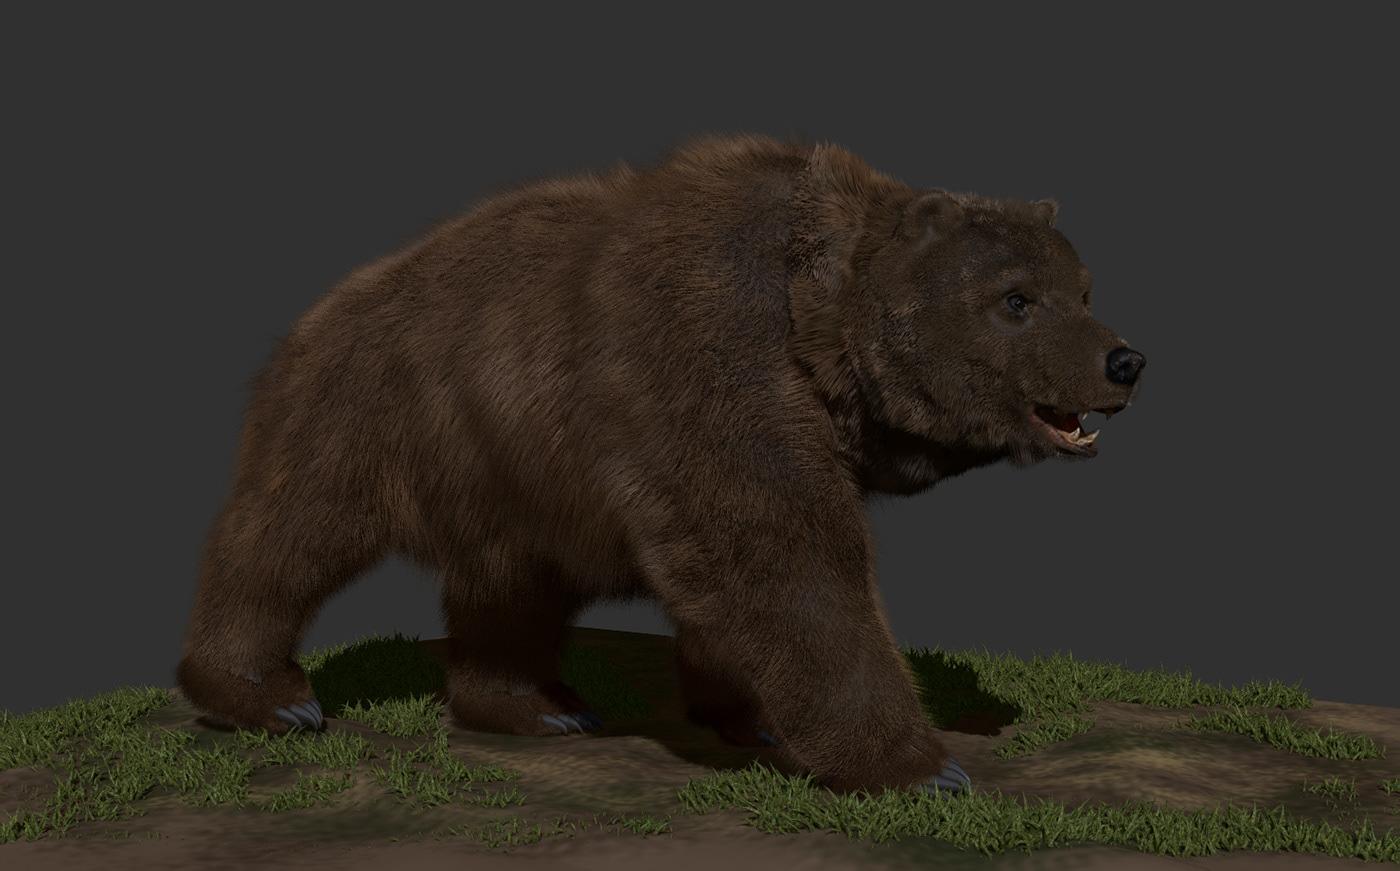 Image may contain: animal, mammal and brown bear